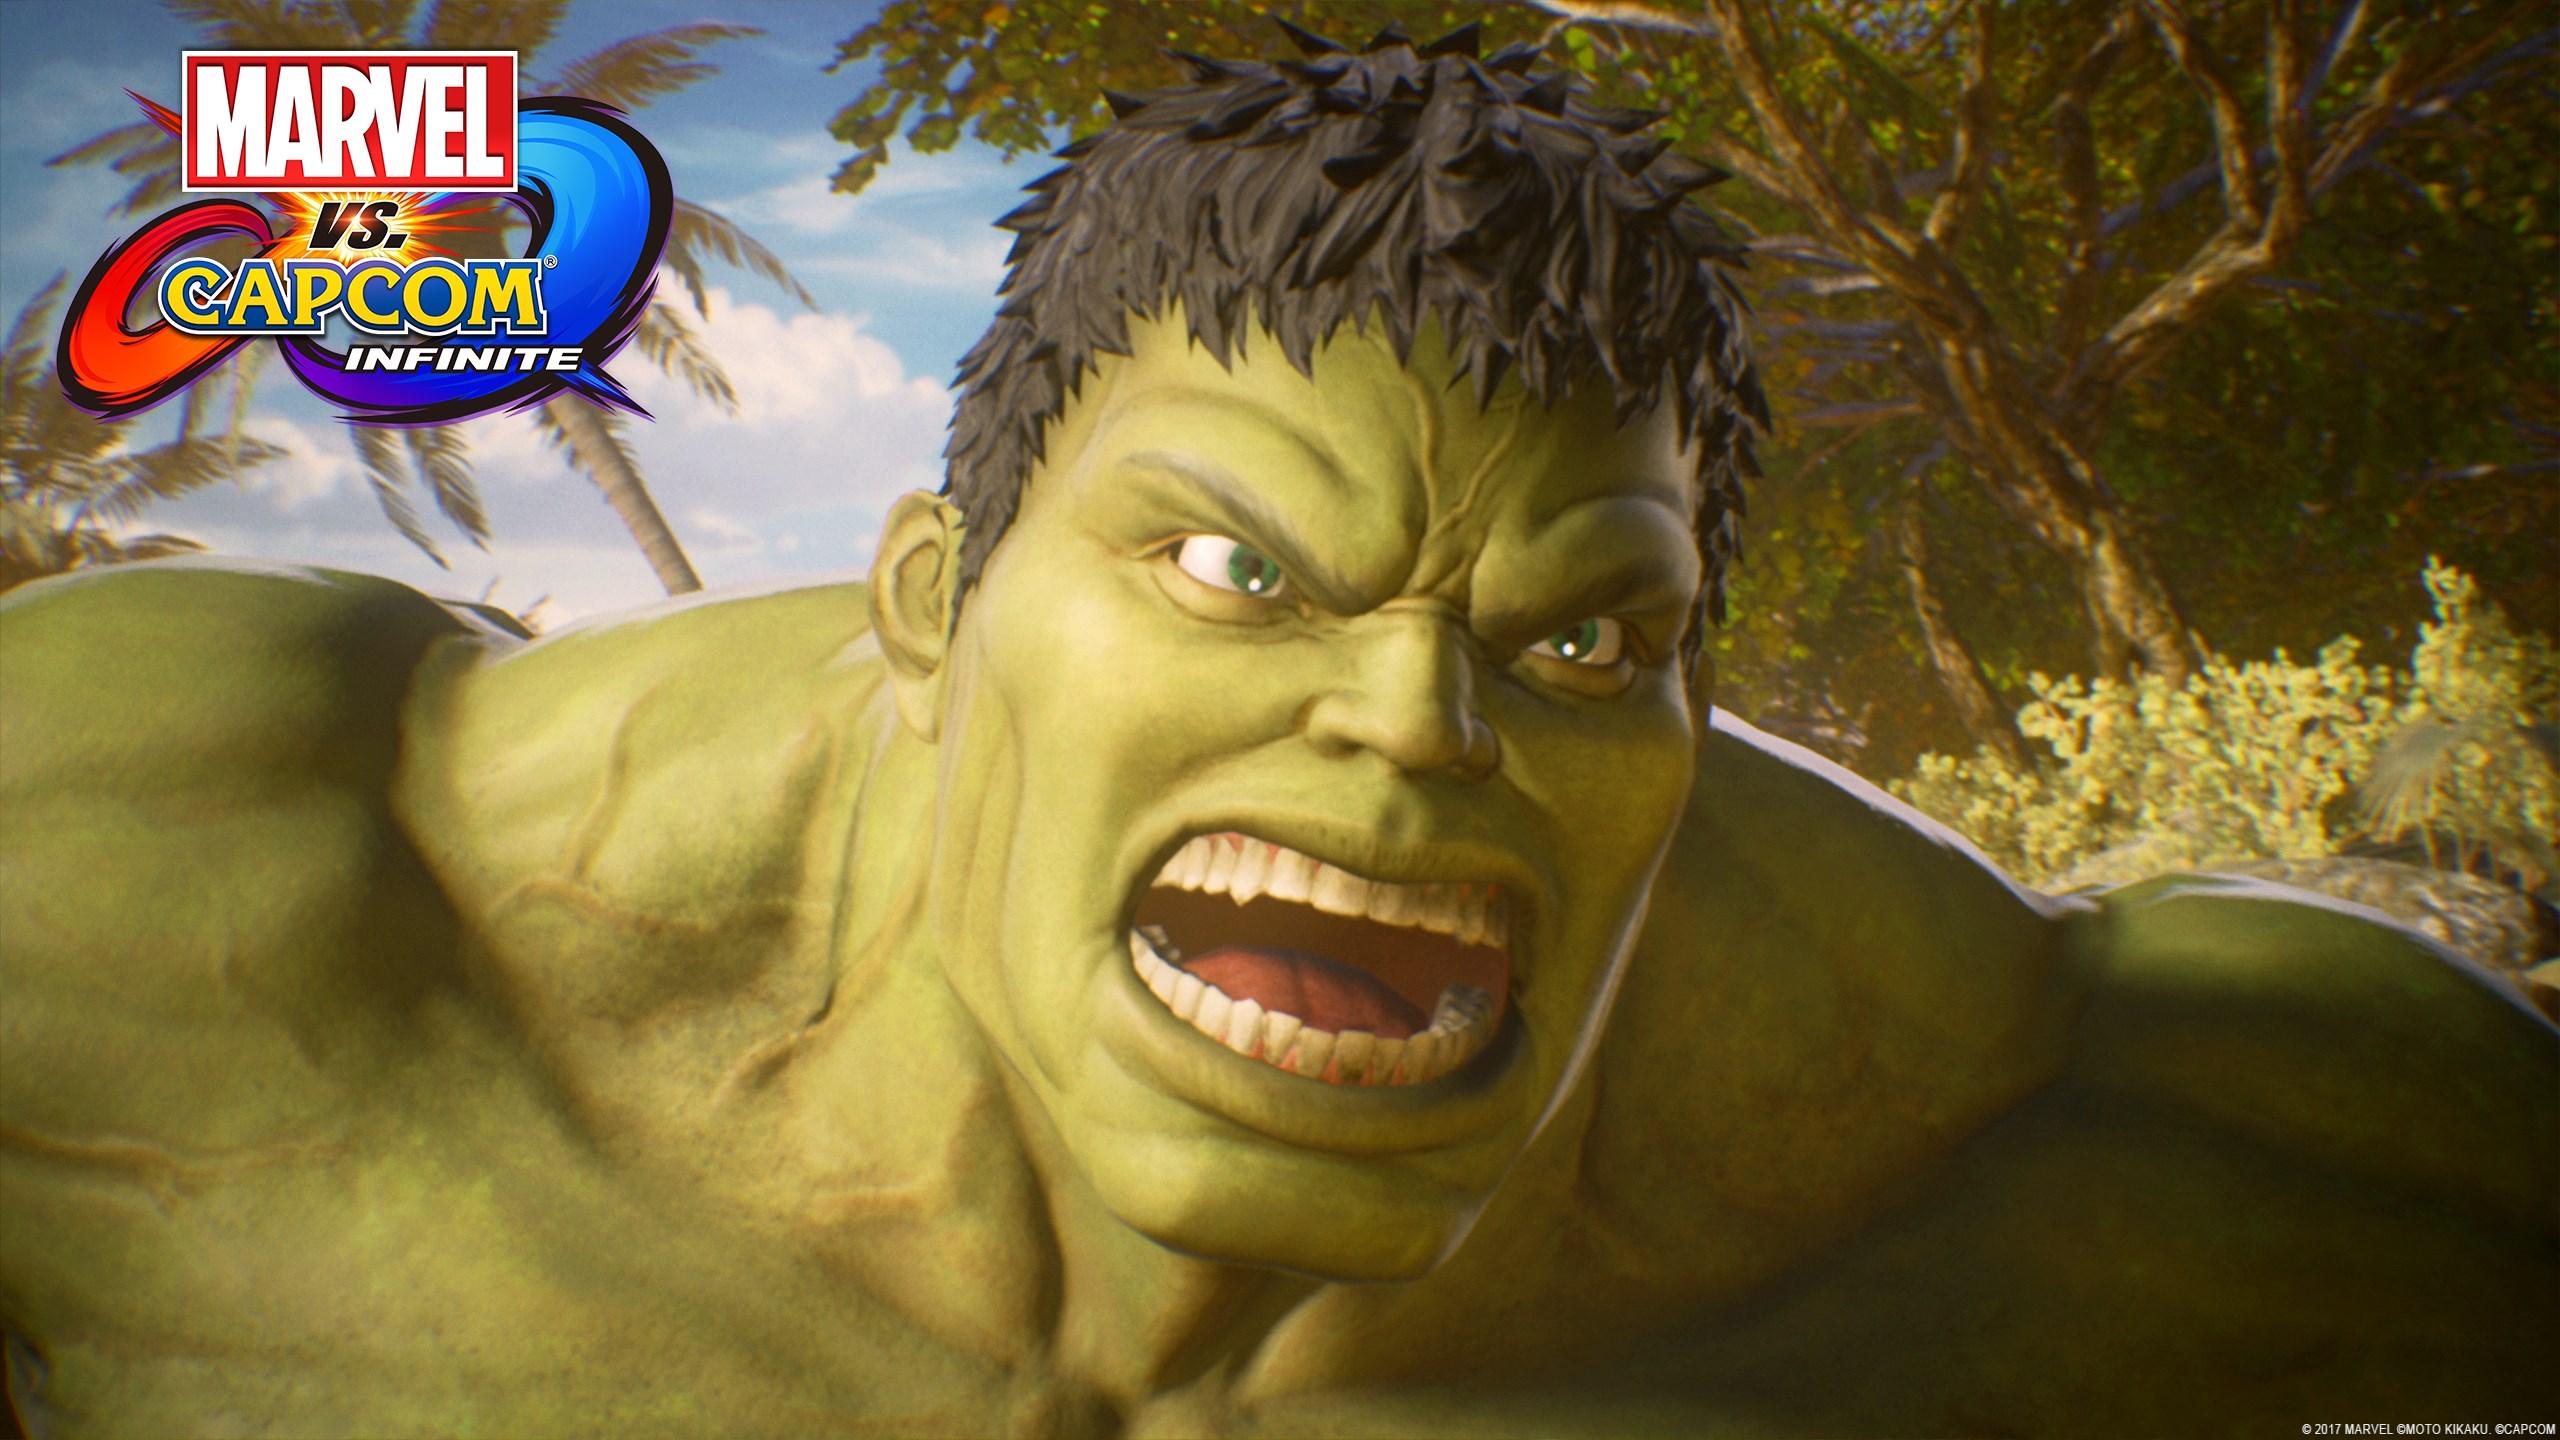 مارول میخواهد در صنعت بازیهای ویدیویی محبوبیت بیشتری کسب کند